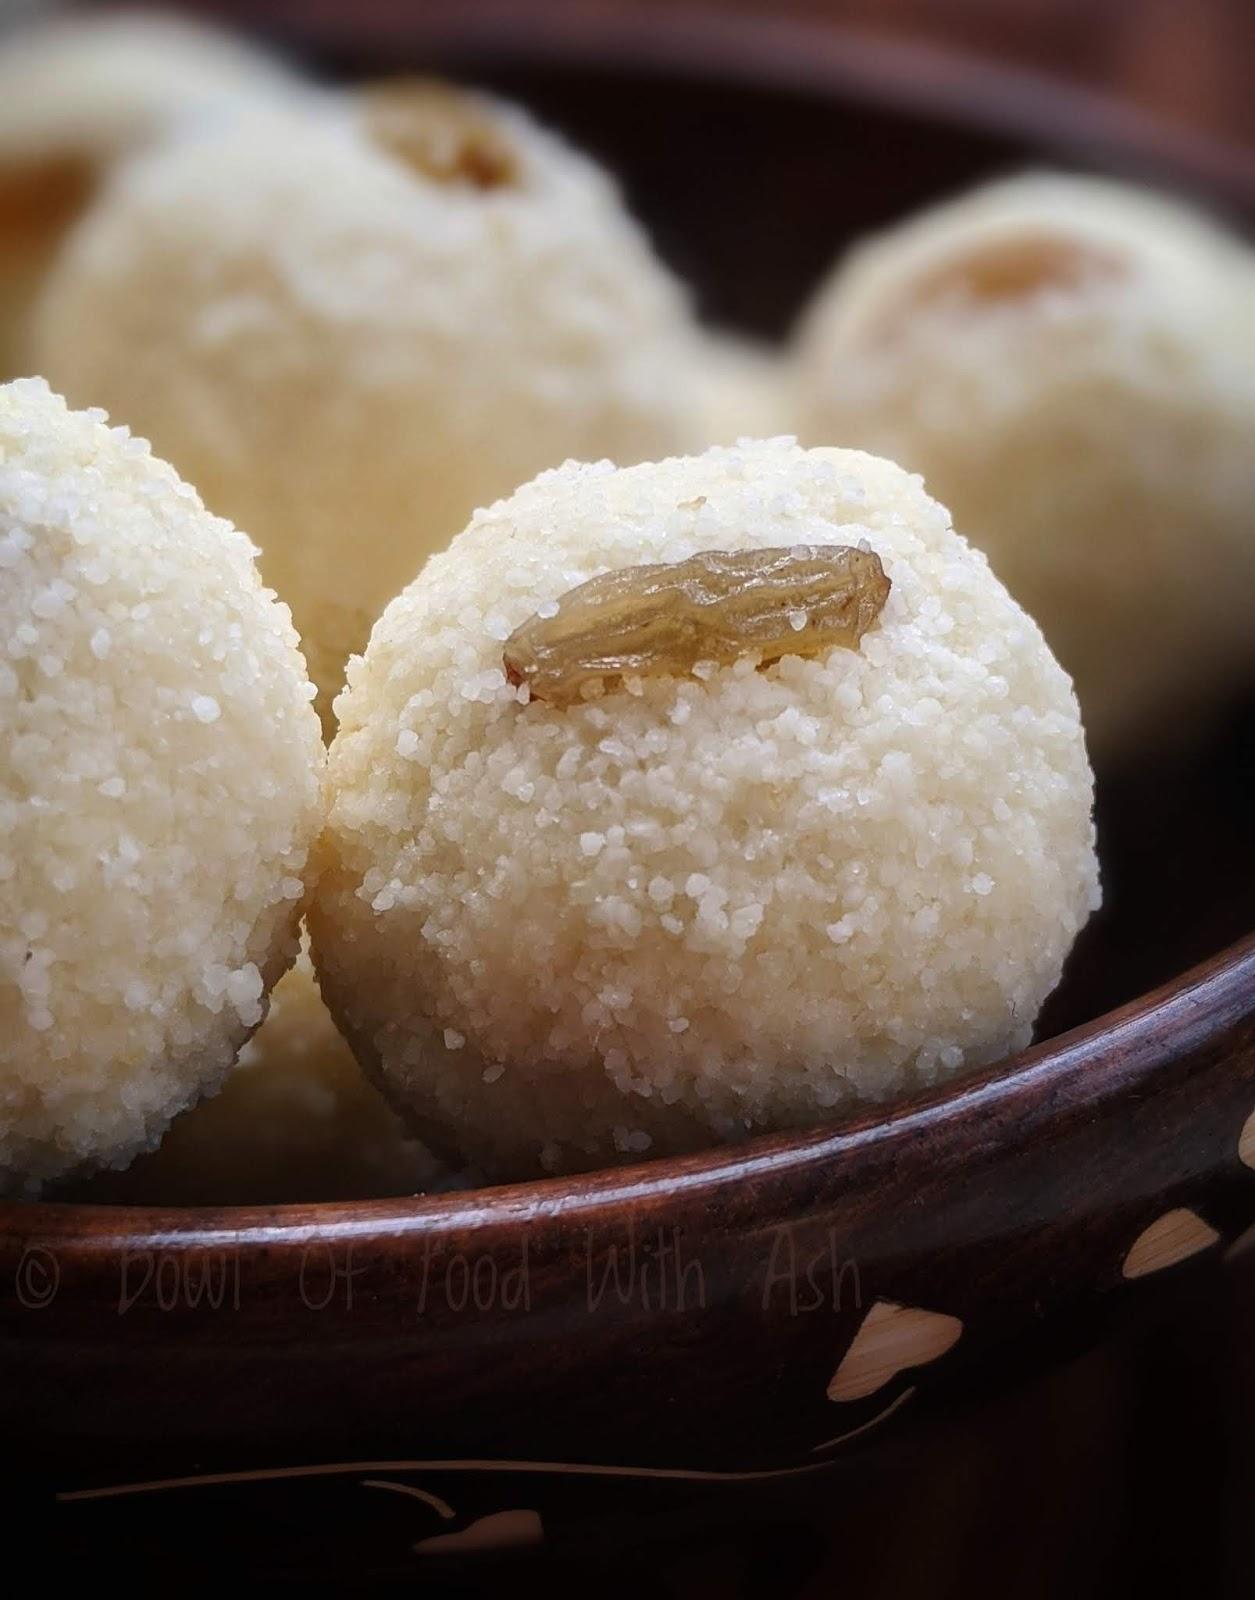 Rava ladoo recipe | How to make sooji laddu recipe